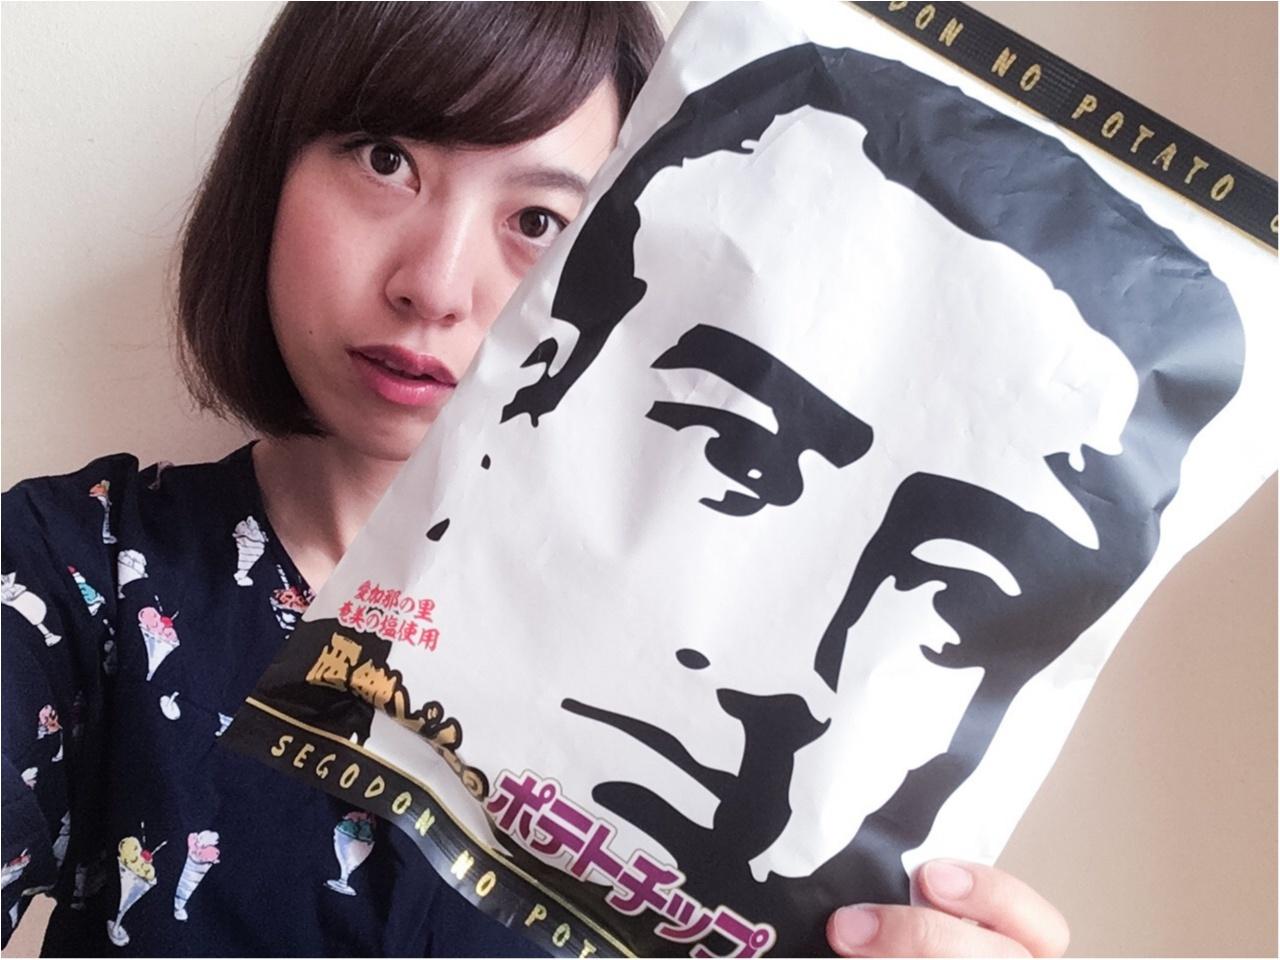 【ご当地ポテチ/鹿児島】大河ドラマでも話題!! ゆかりの地の塩を使った◯◯ポテチ_2